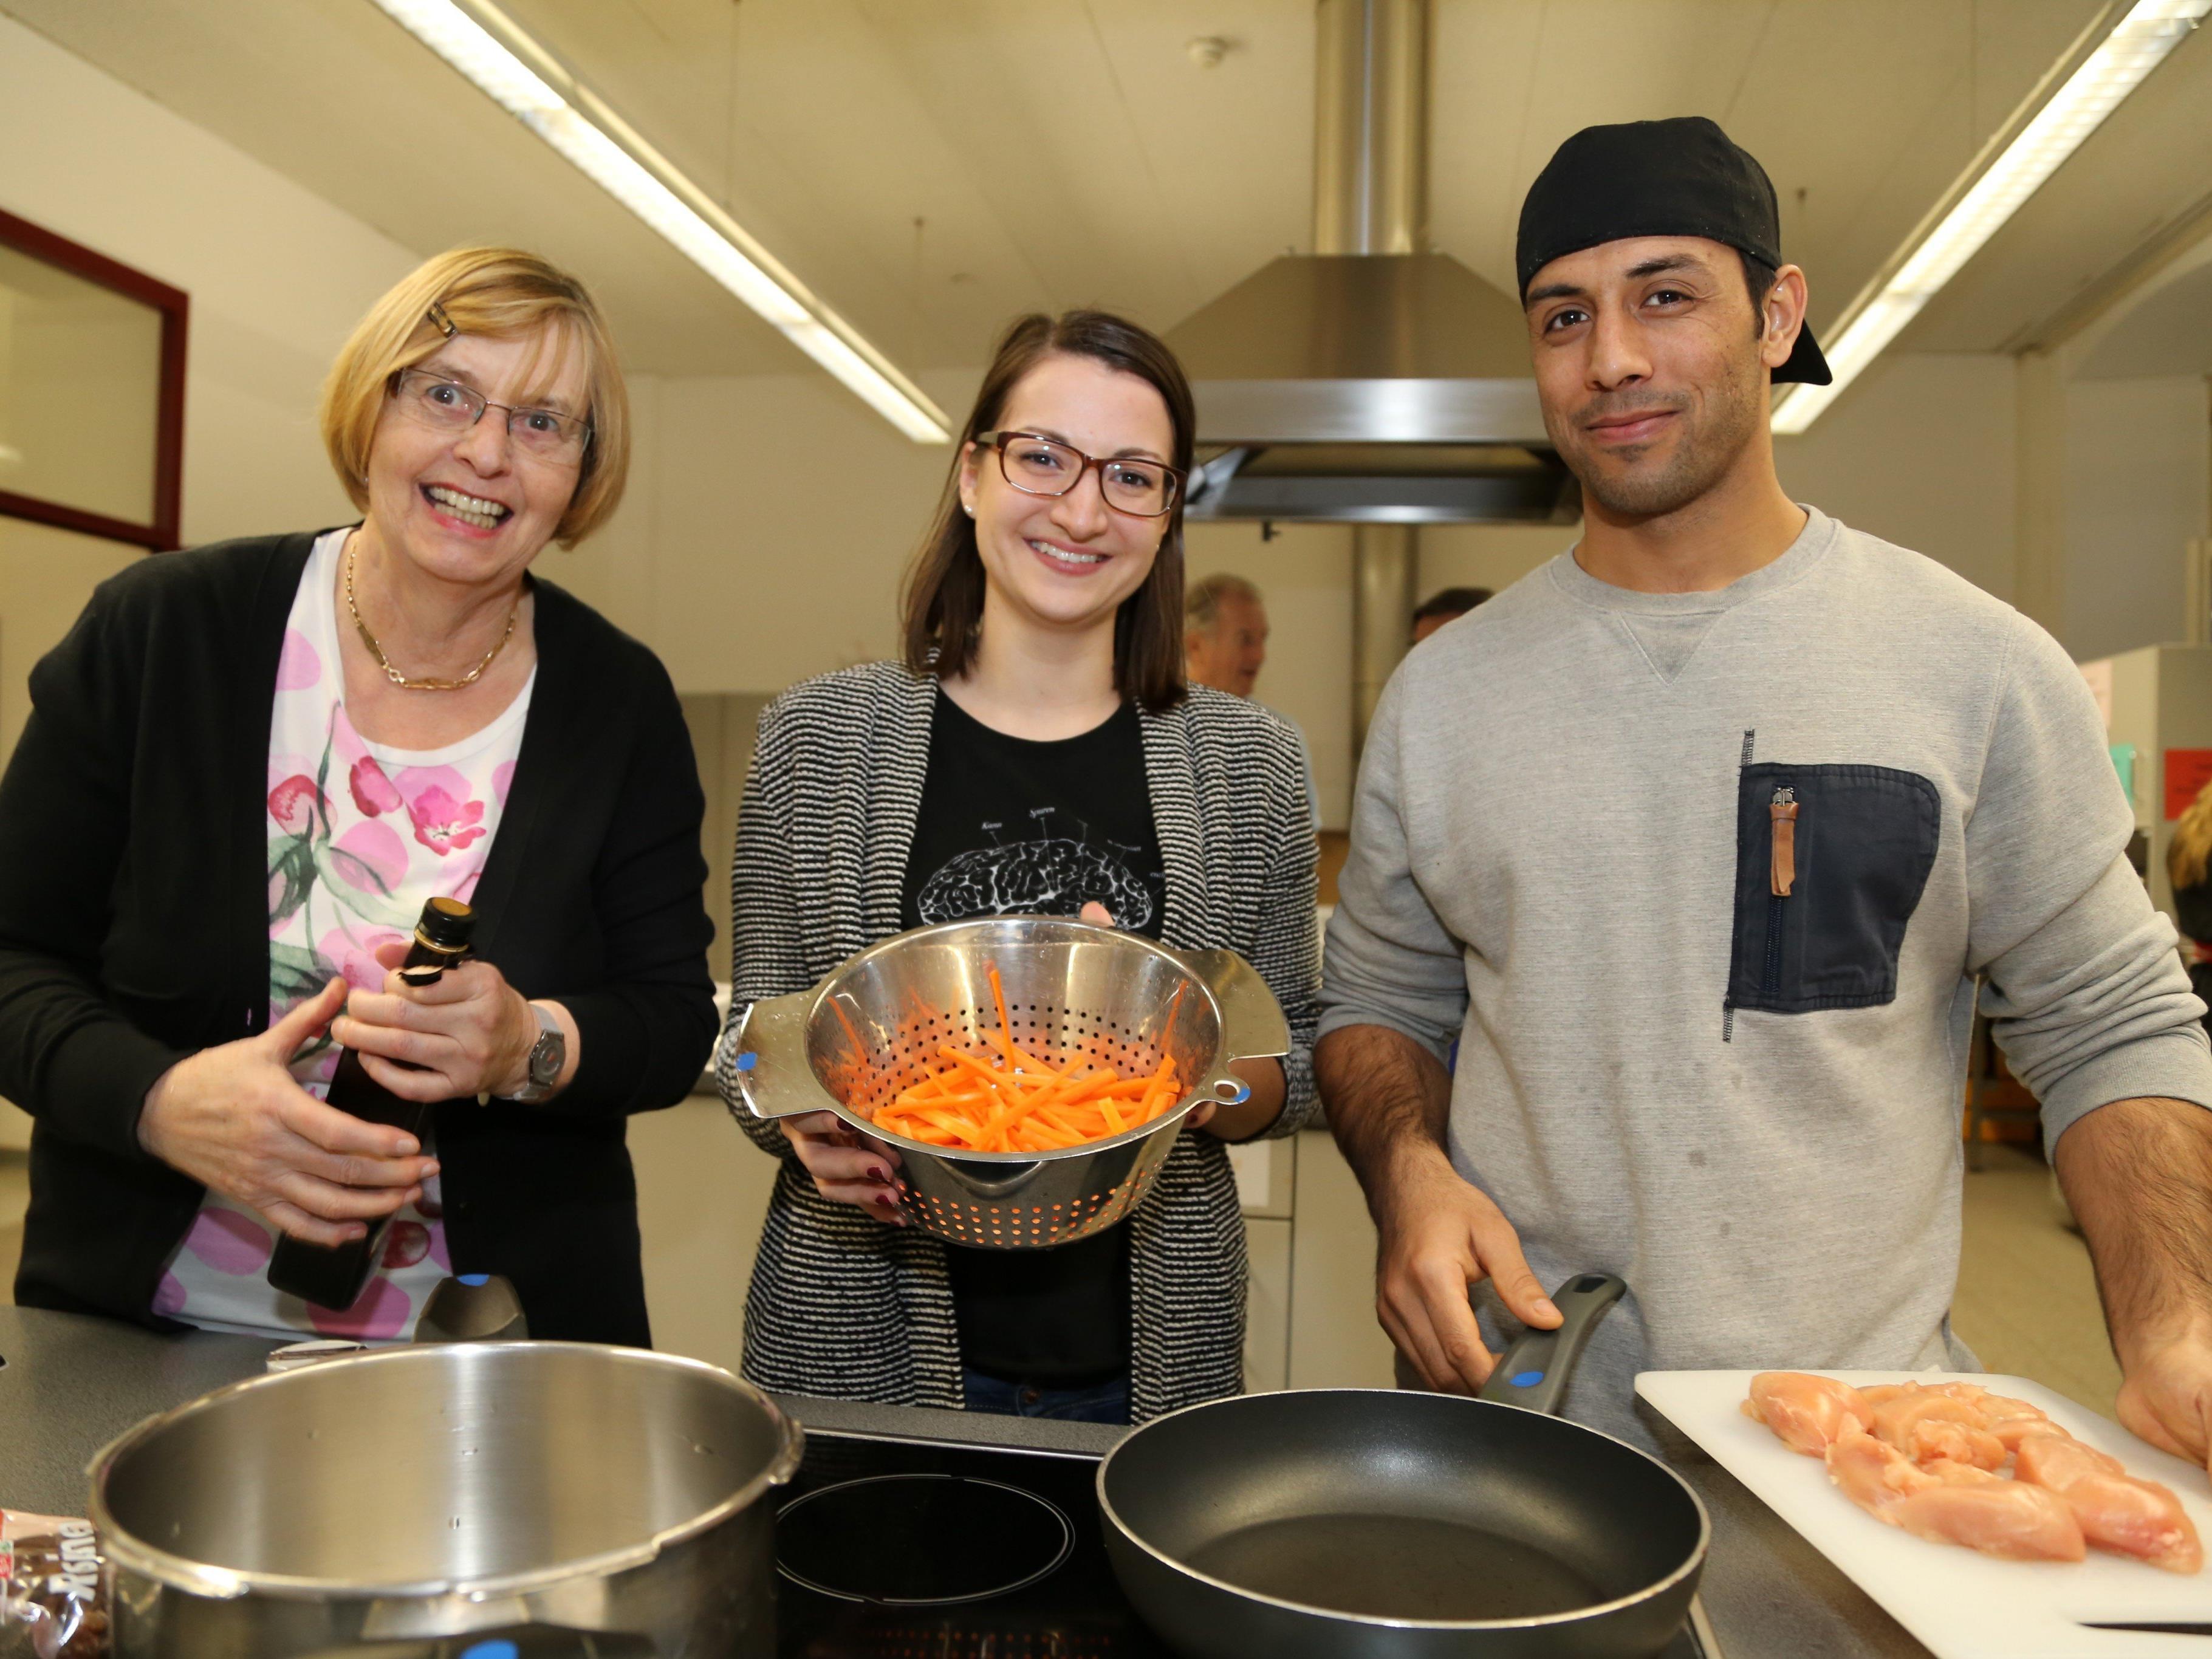 Teilnehmer und Organisatoren zauberten leckere Mahlzeiten in der Poly-Küche.